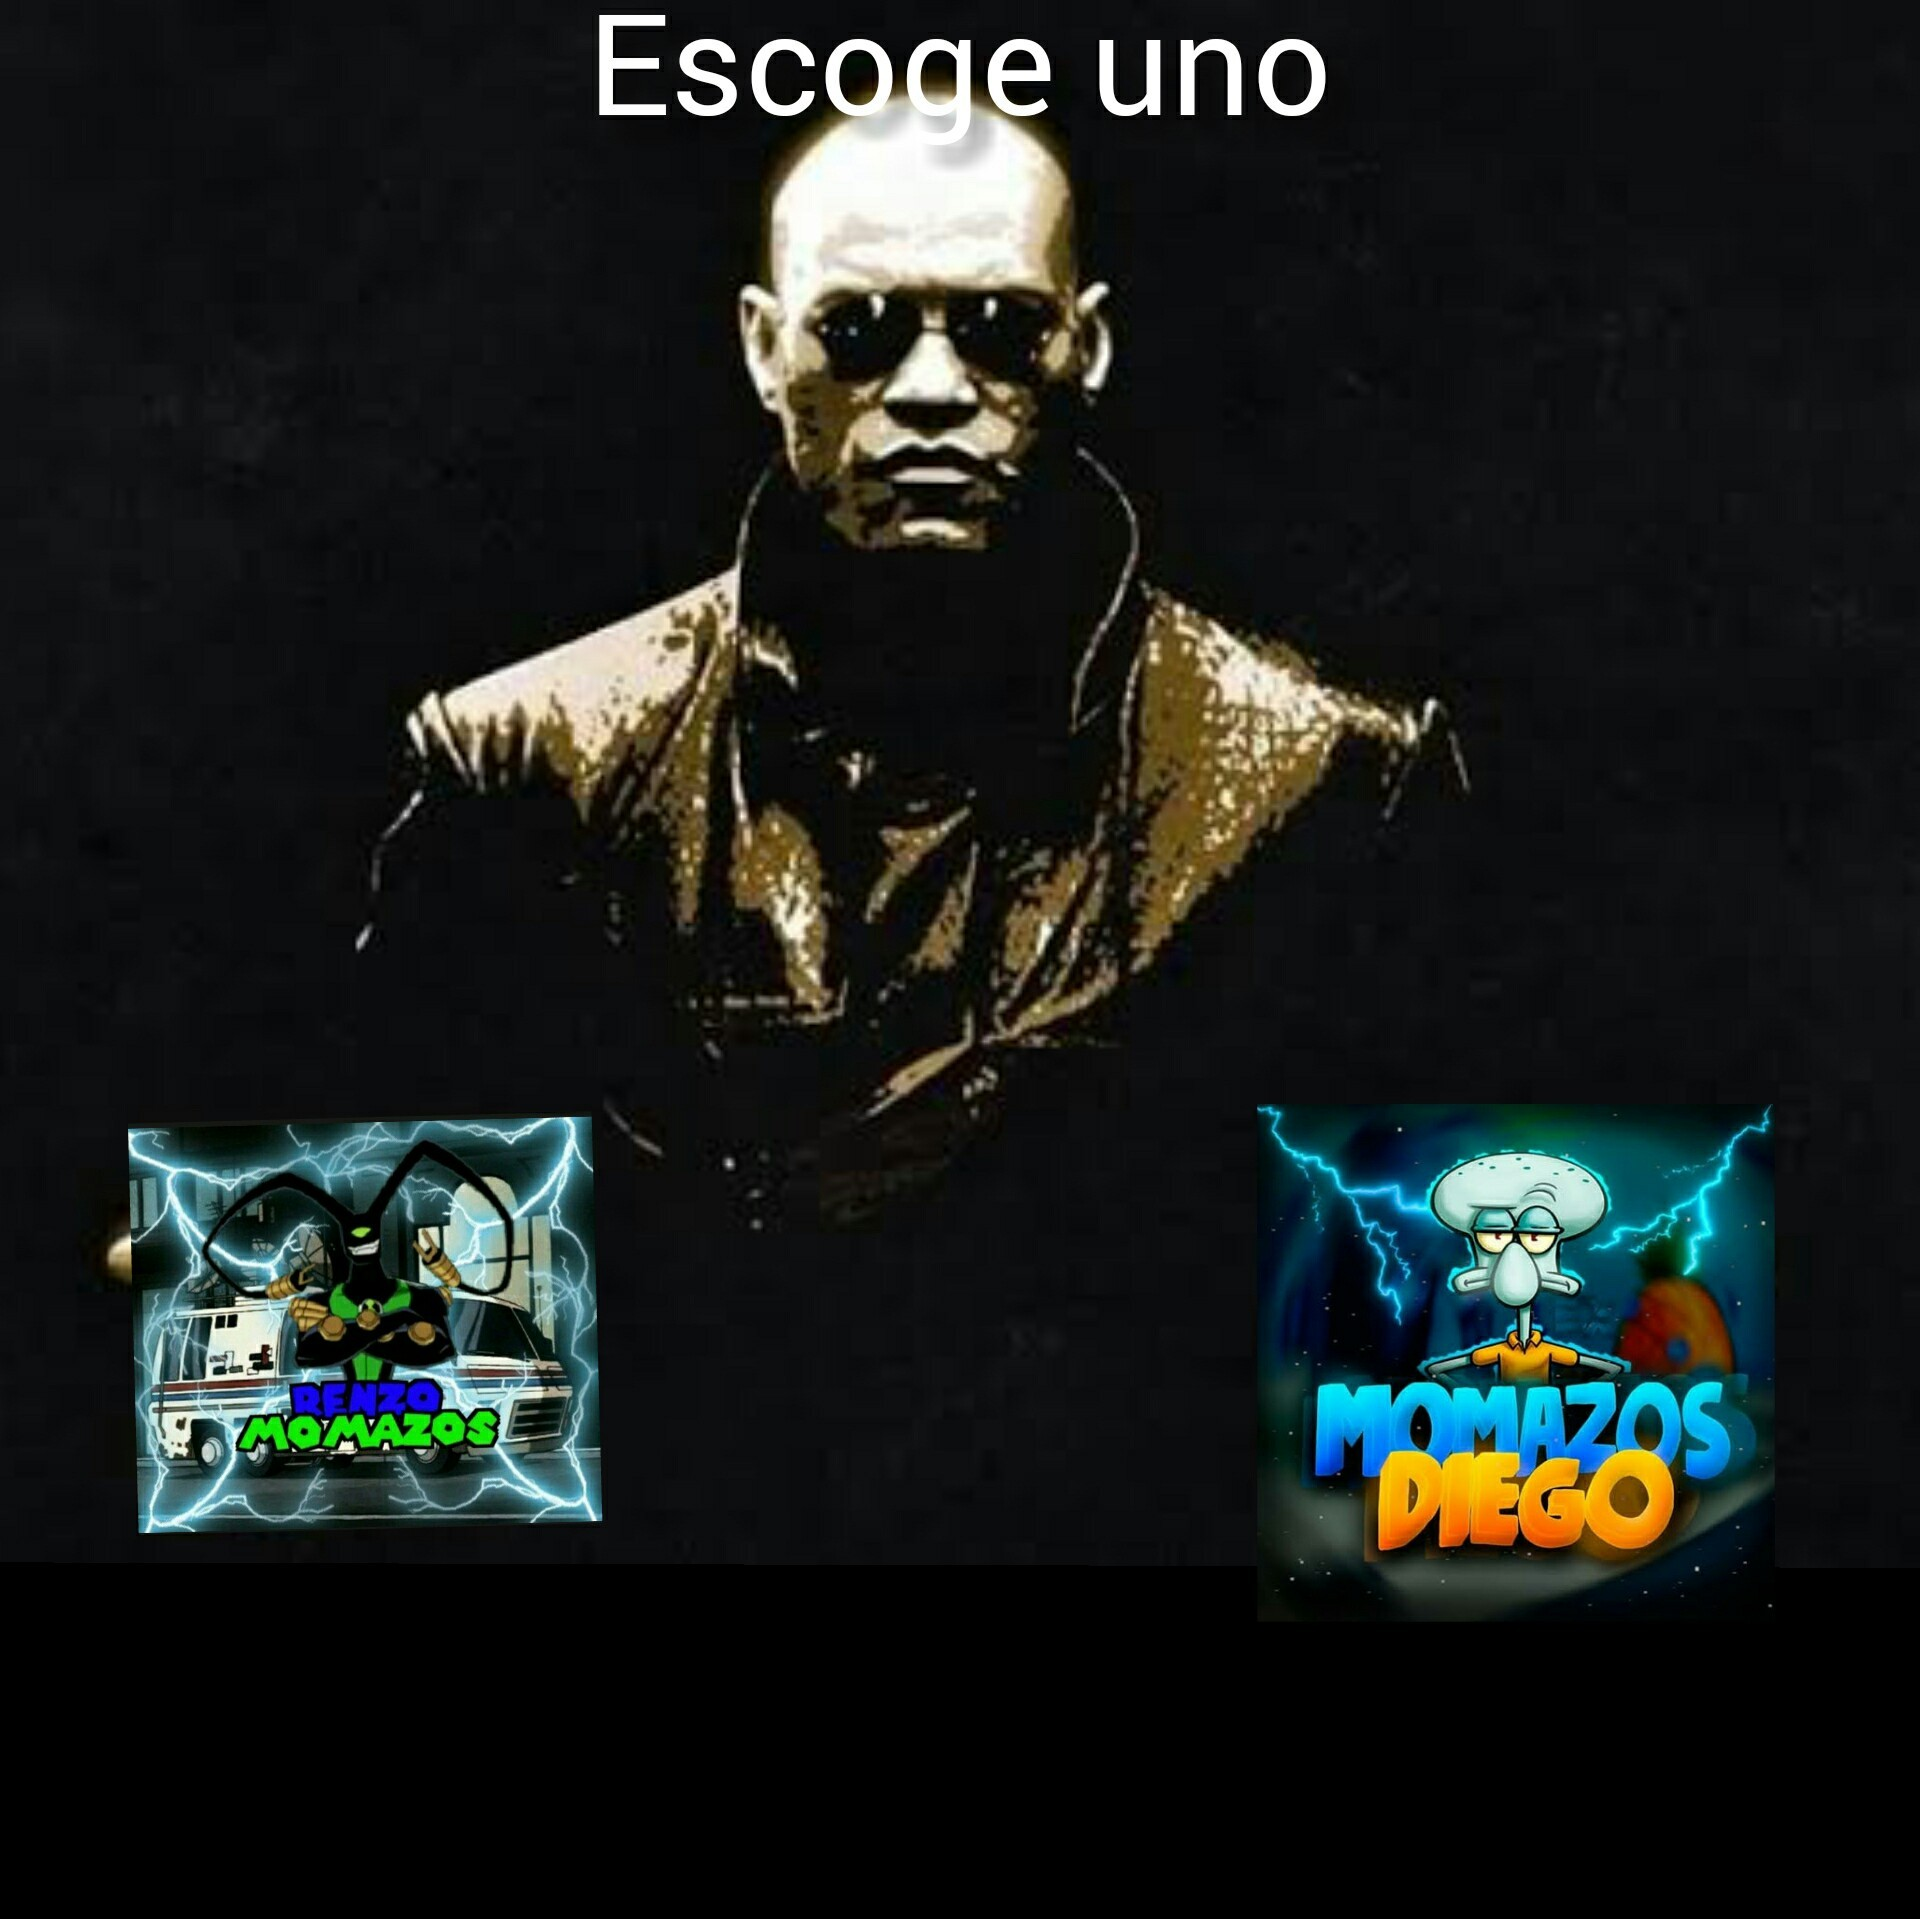 Solo uno - meme